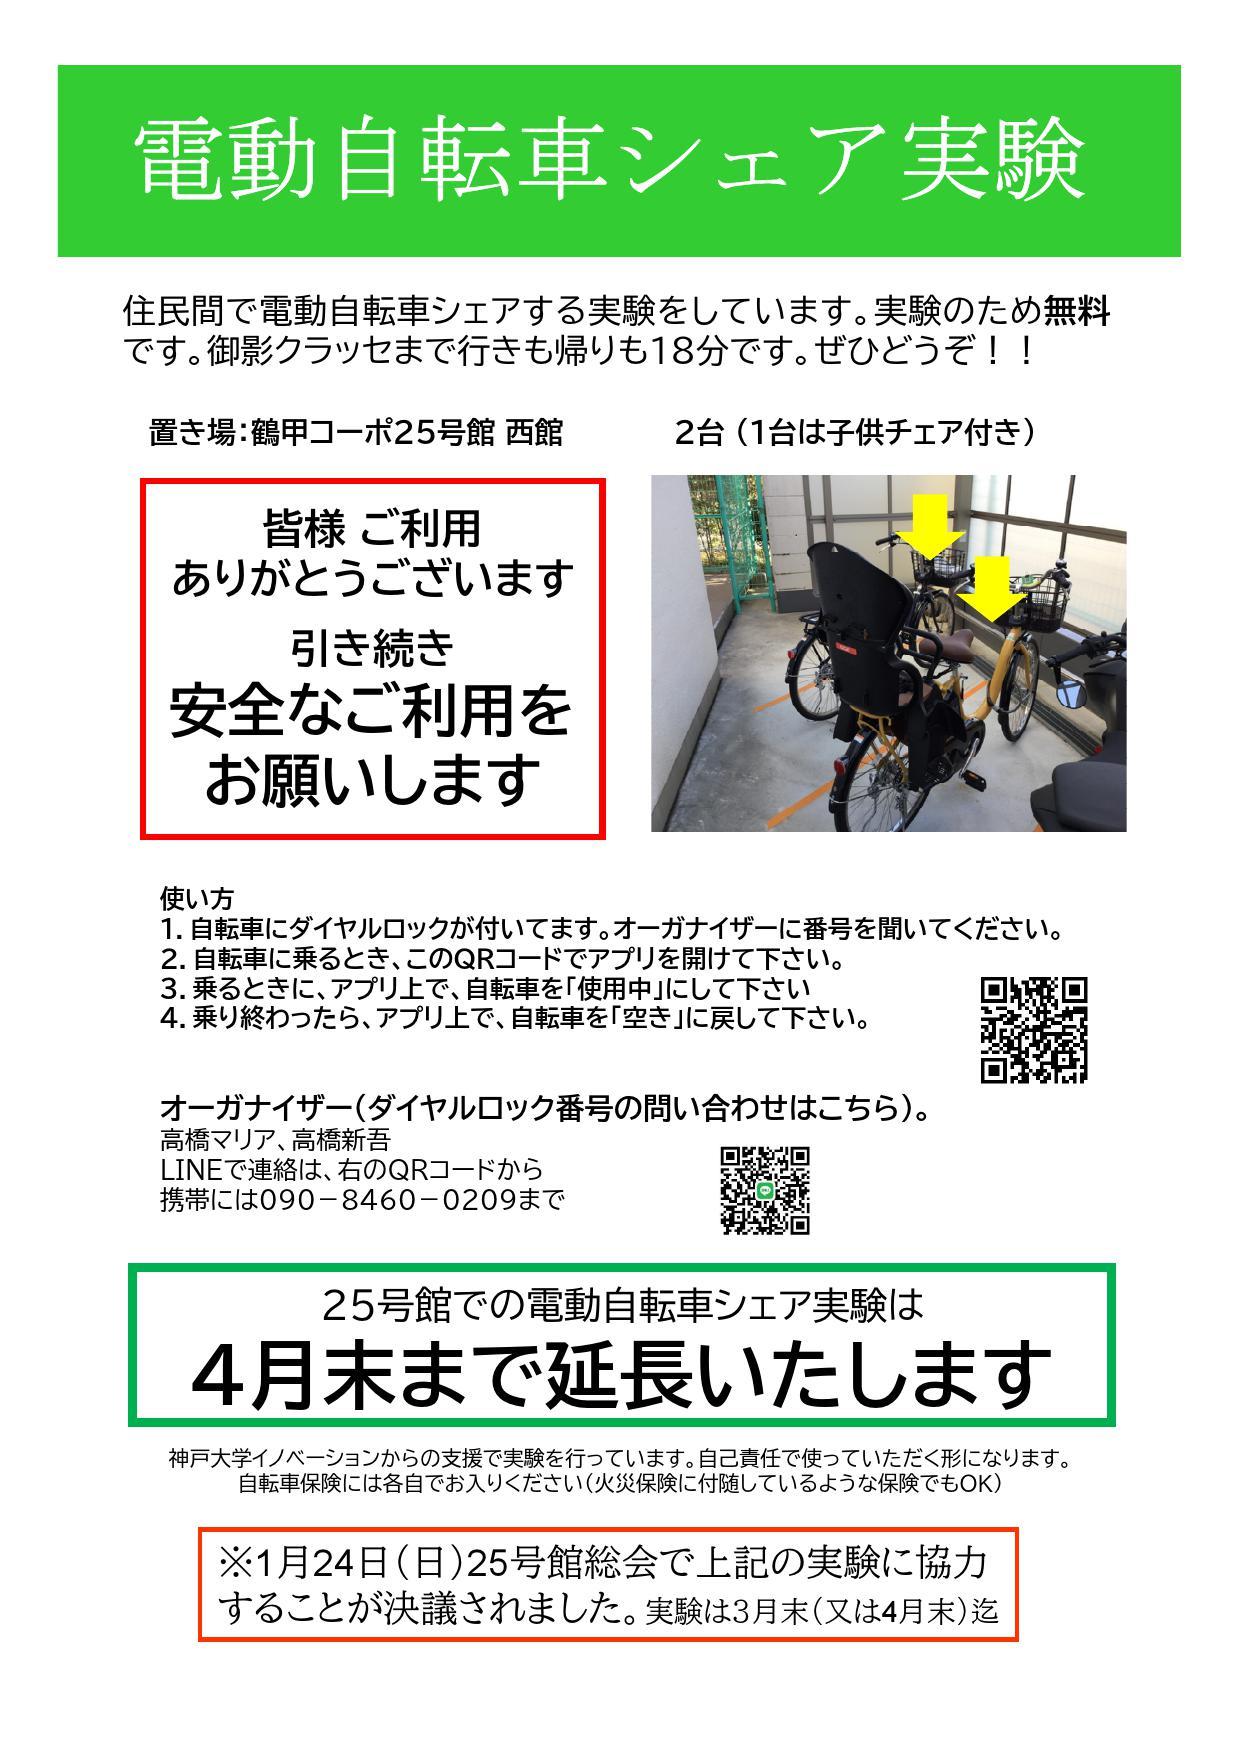 電動自転車25号館4月末まで延長_000001